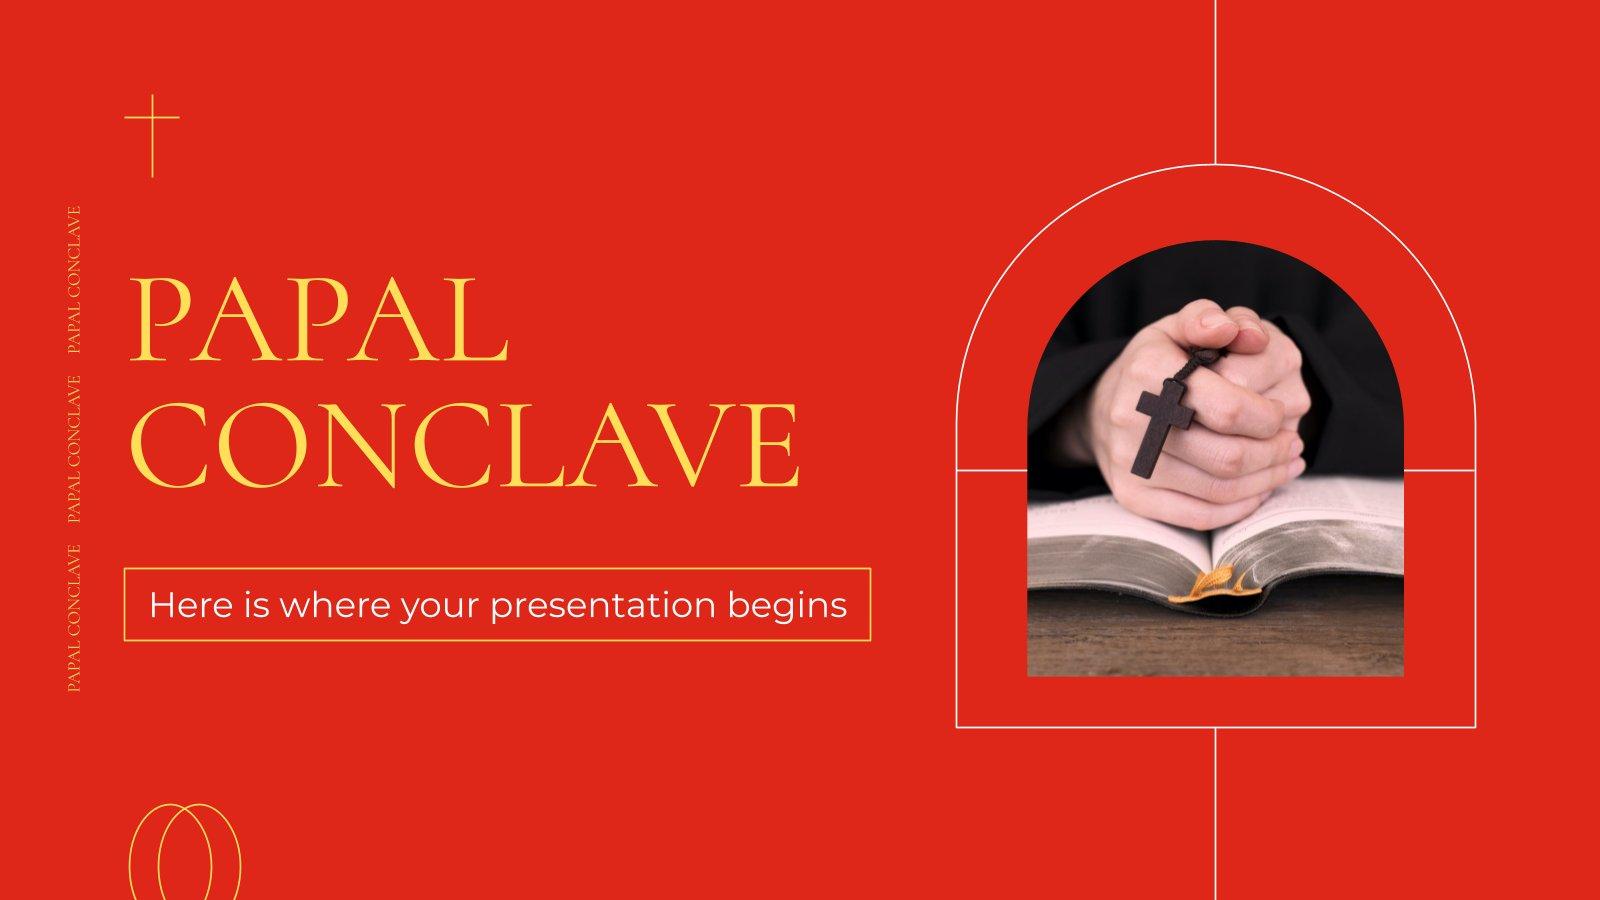 Modelo de apresentação Conclave papal